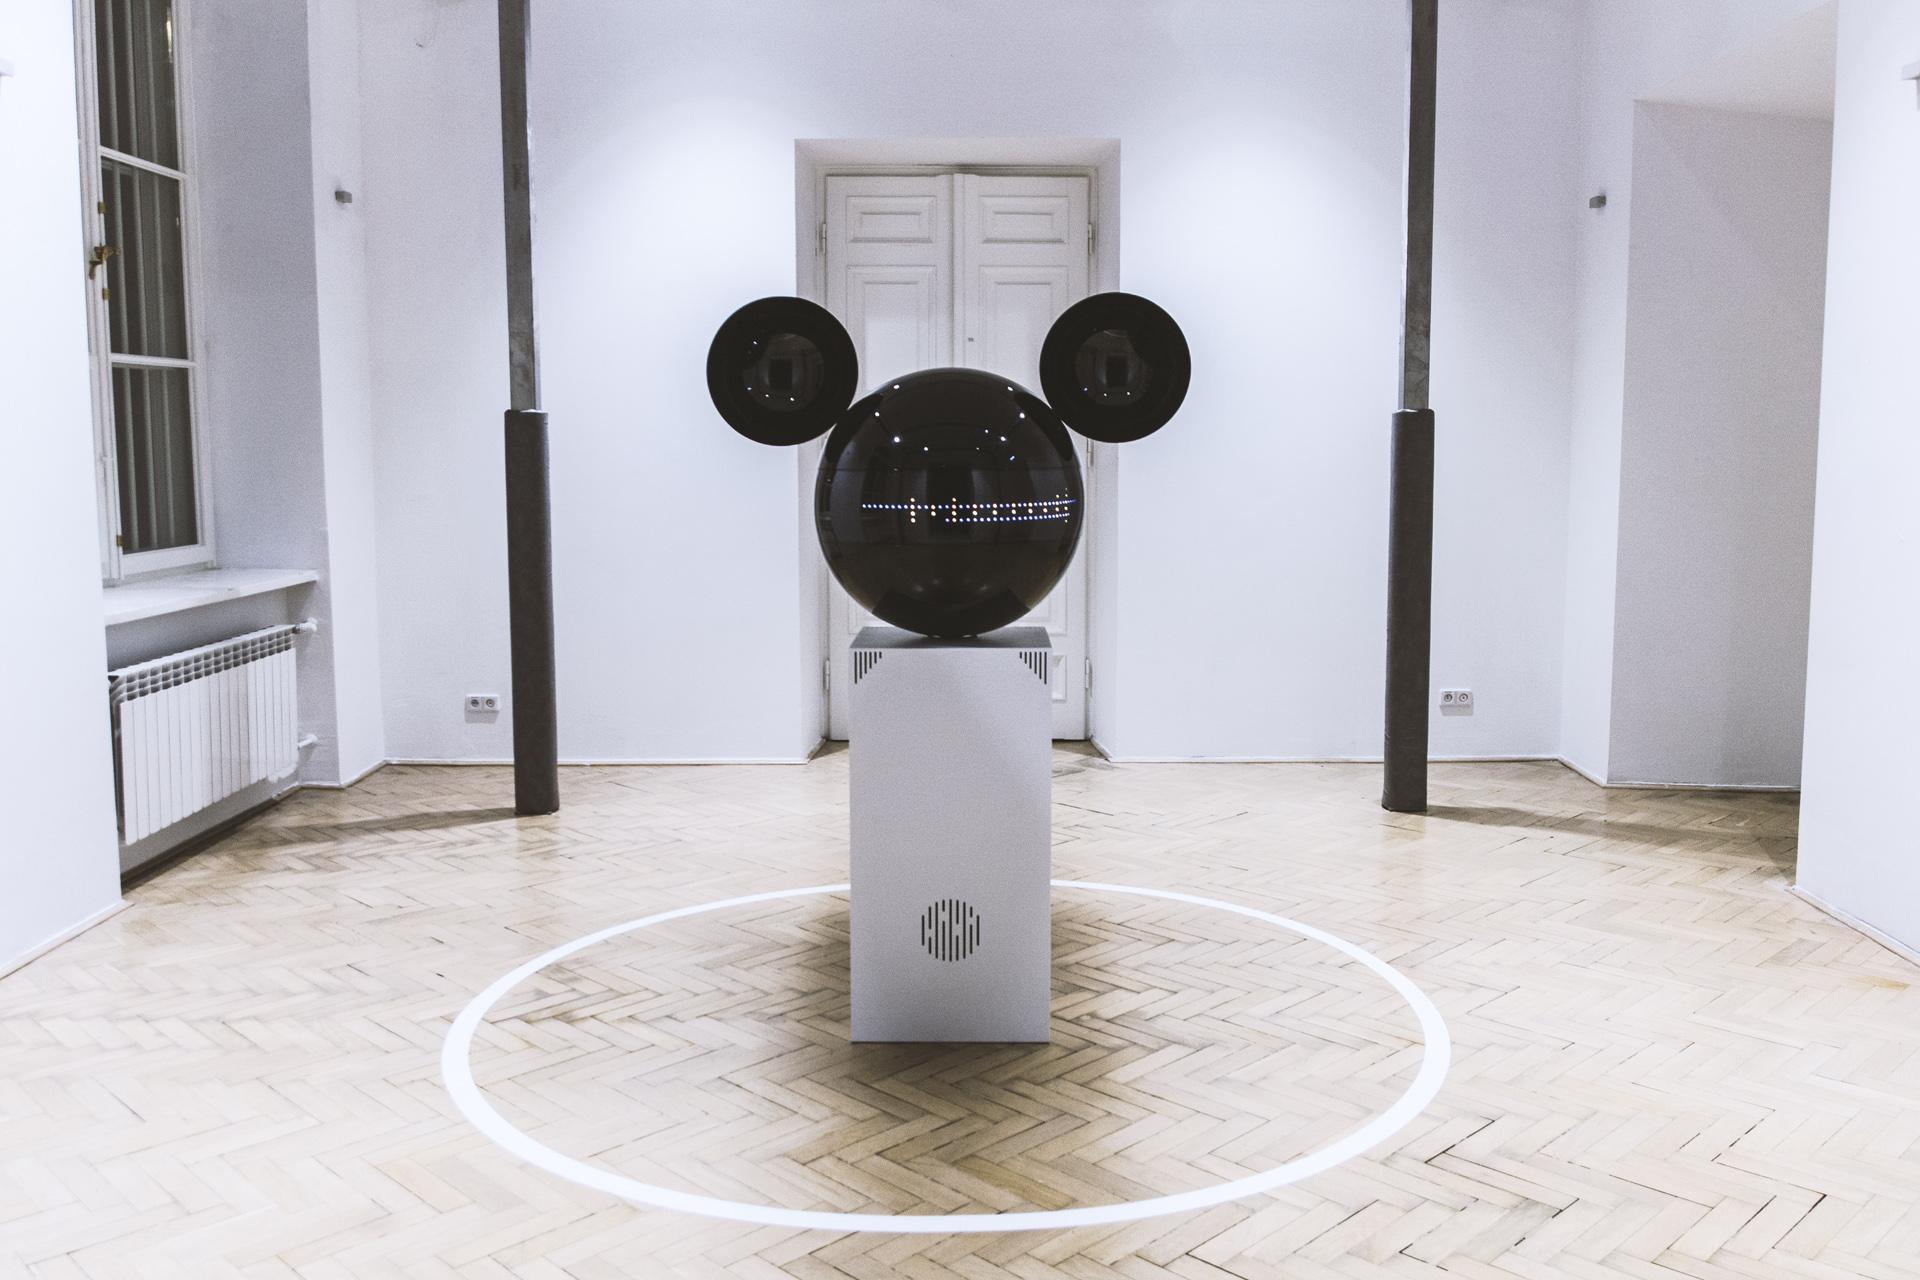 Kultura / Poprvé v České republice bude v rámci PDW exkluzivně vystaven Mickeyphon, který vyhledává zvuky z okolí, otáčí se za nimi, sampluje je a mění v rytmické hudební sekvence